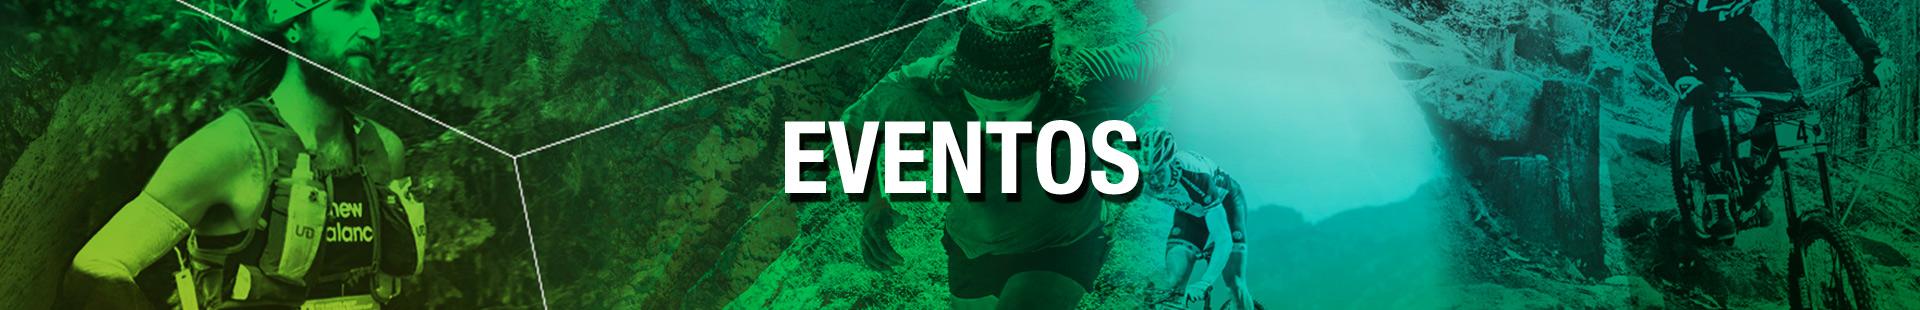 eventos-fonto